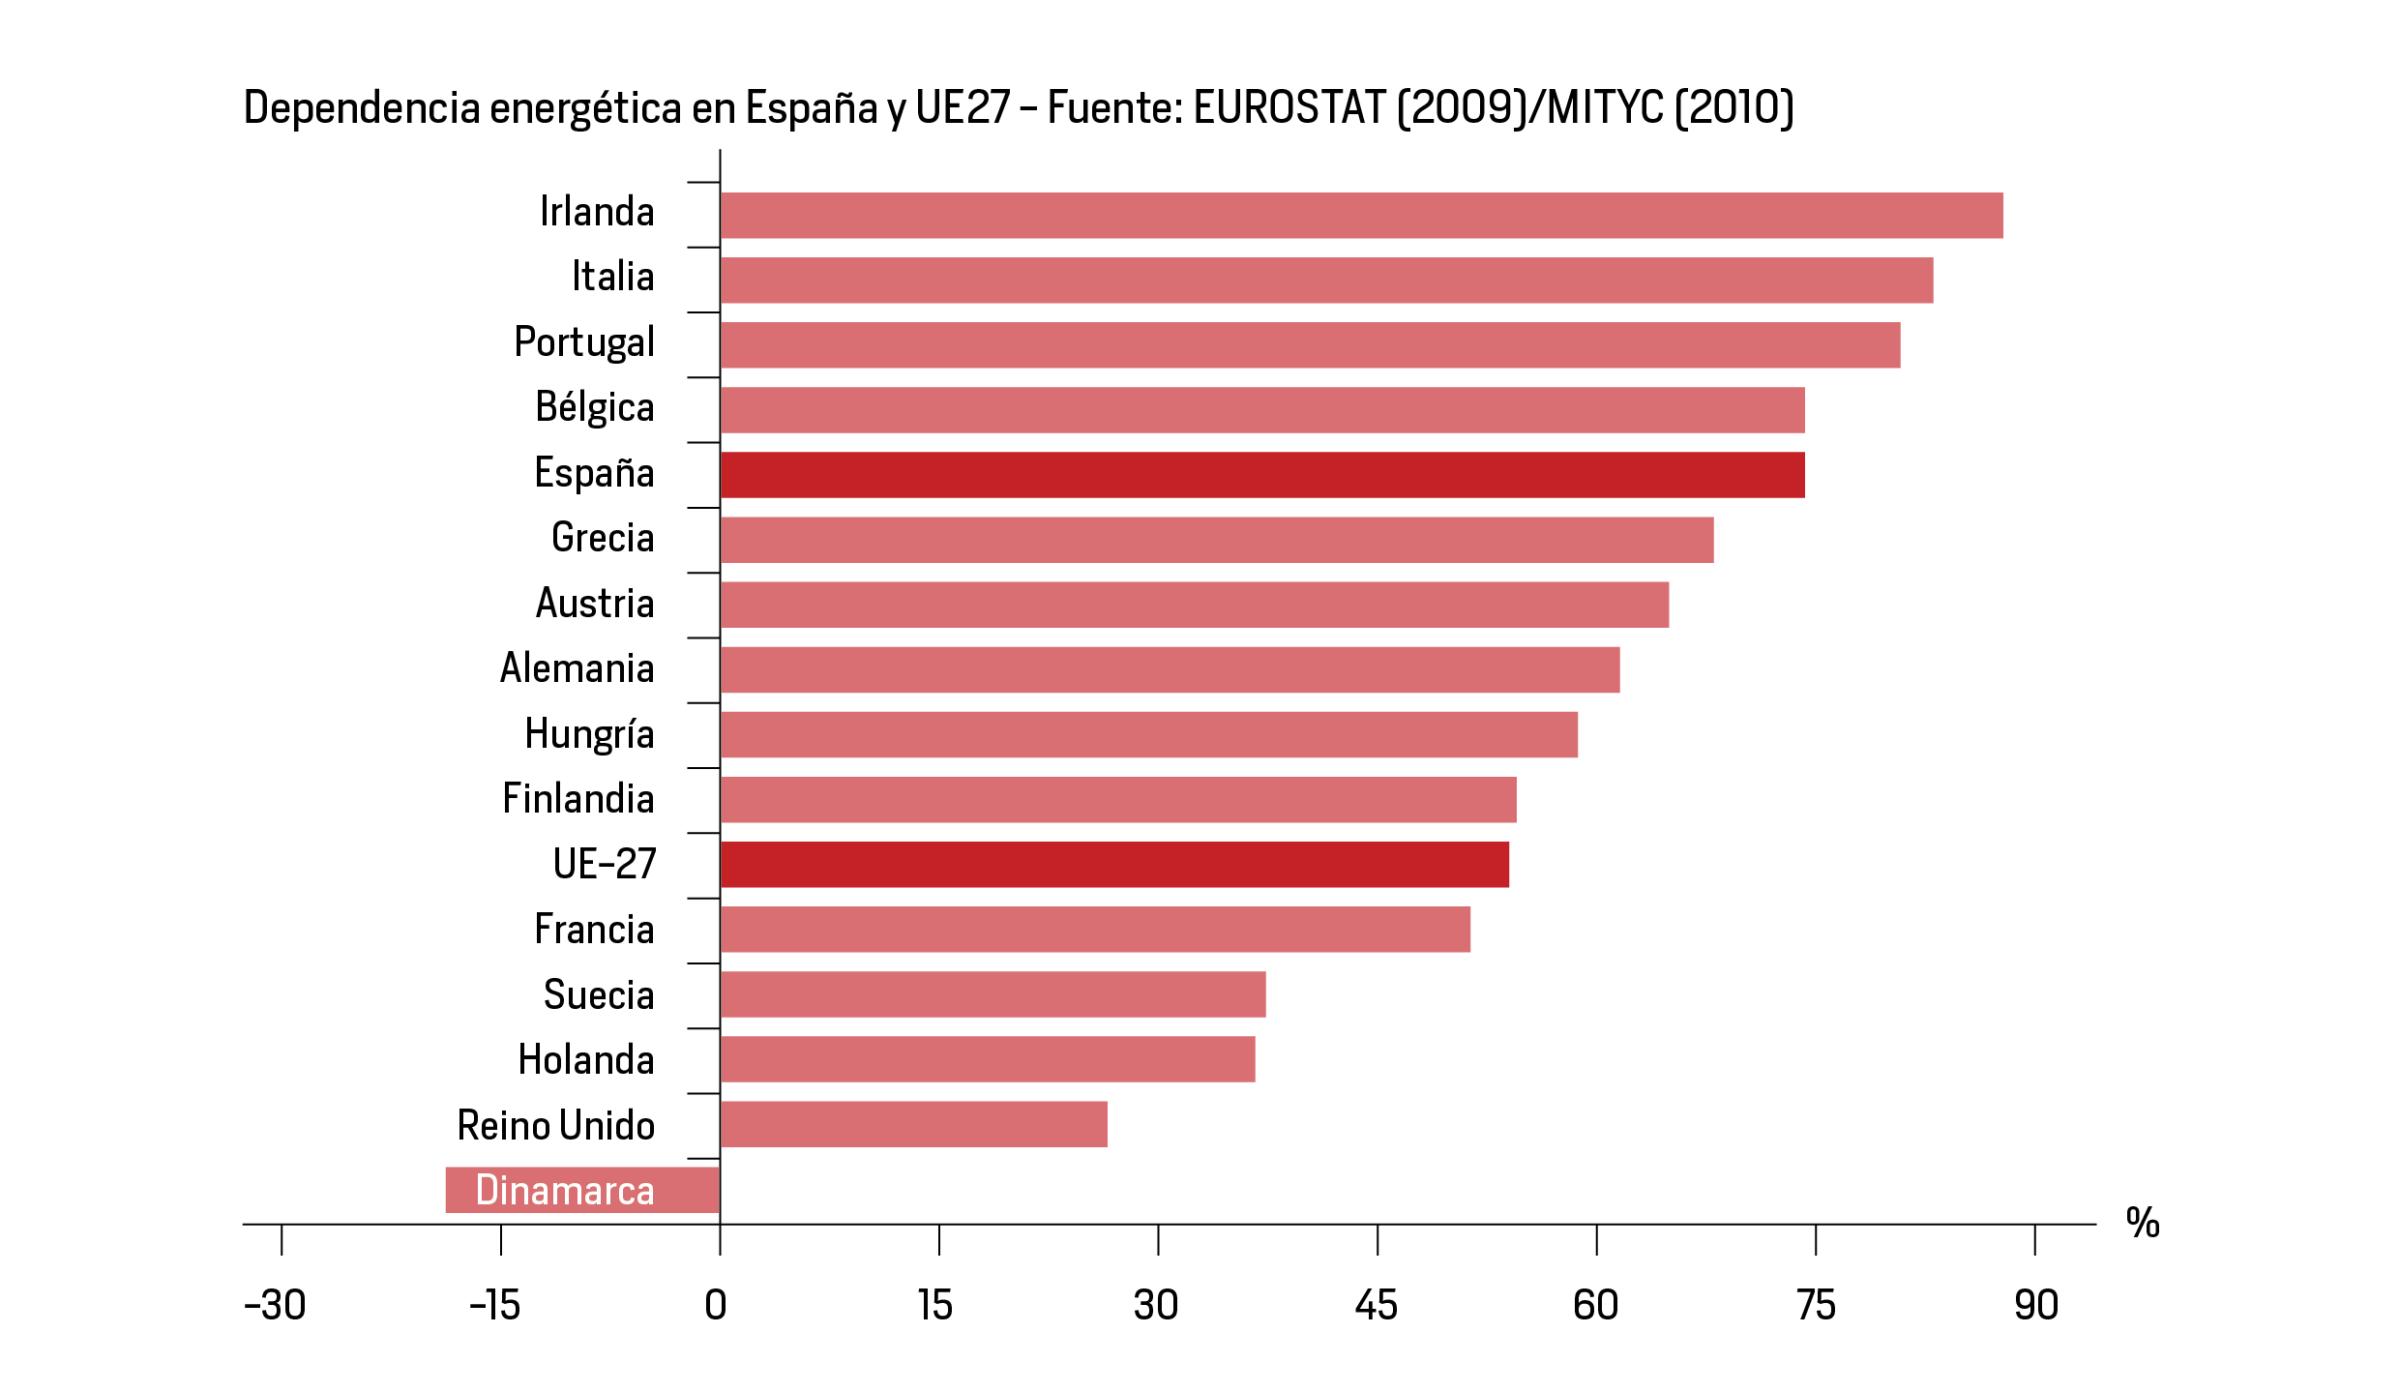 Dependencia energética por países en la UE - Eficiencia energética